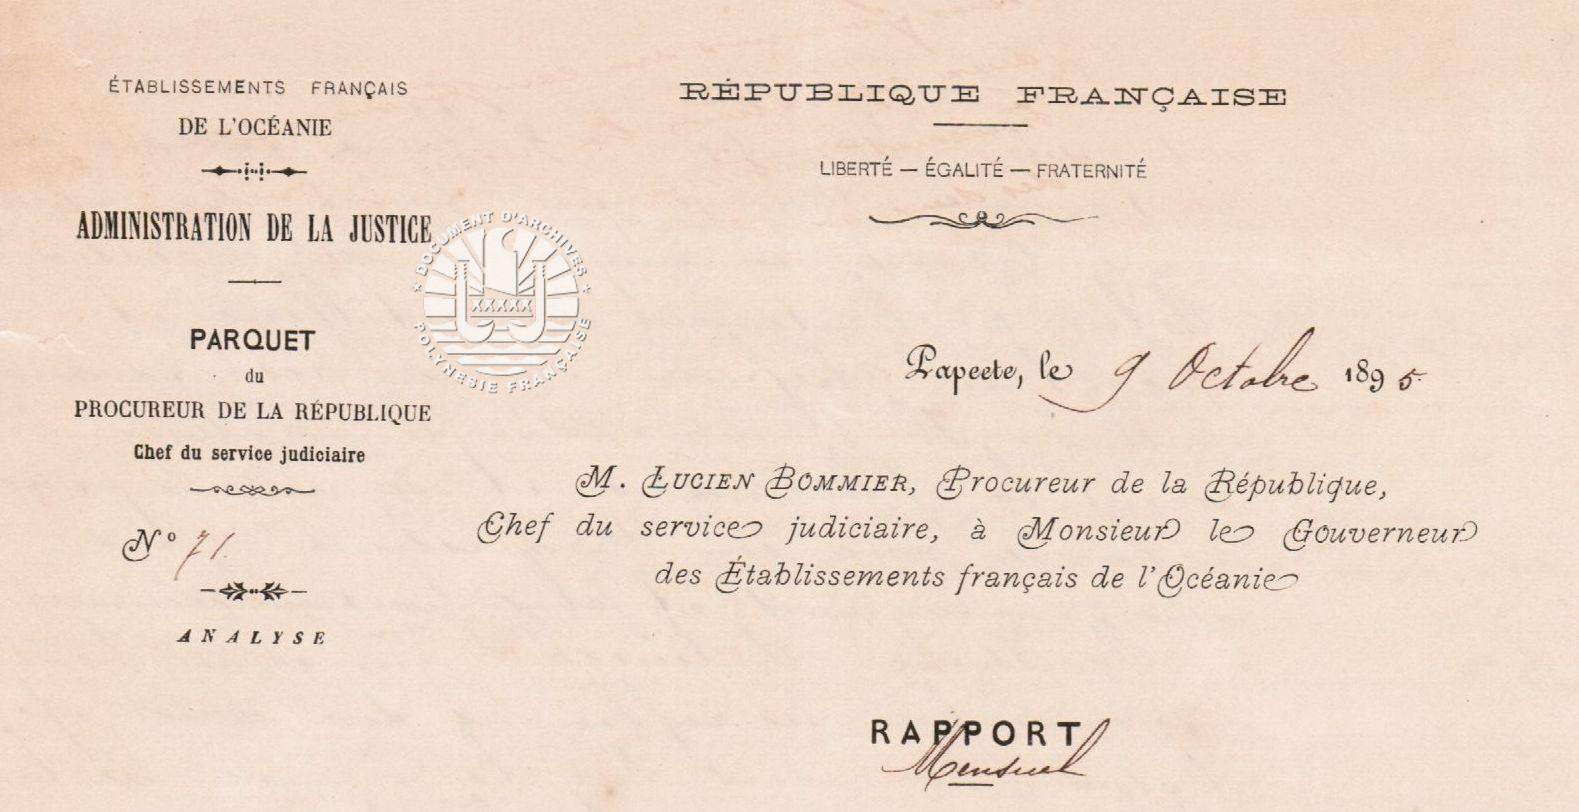 Rapport mensuel du Procureur de la République au Gouverneur 9 octobre 1895